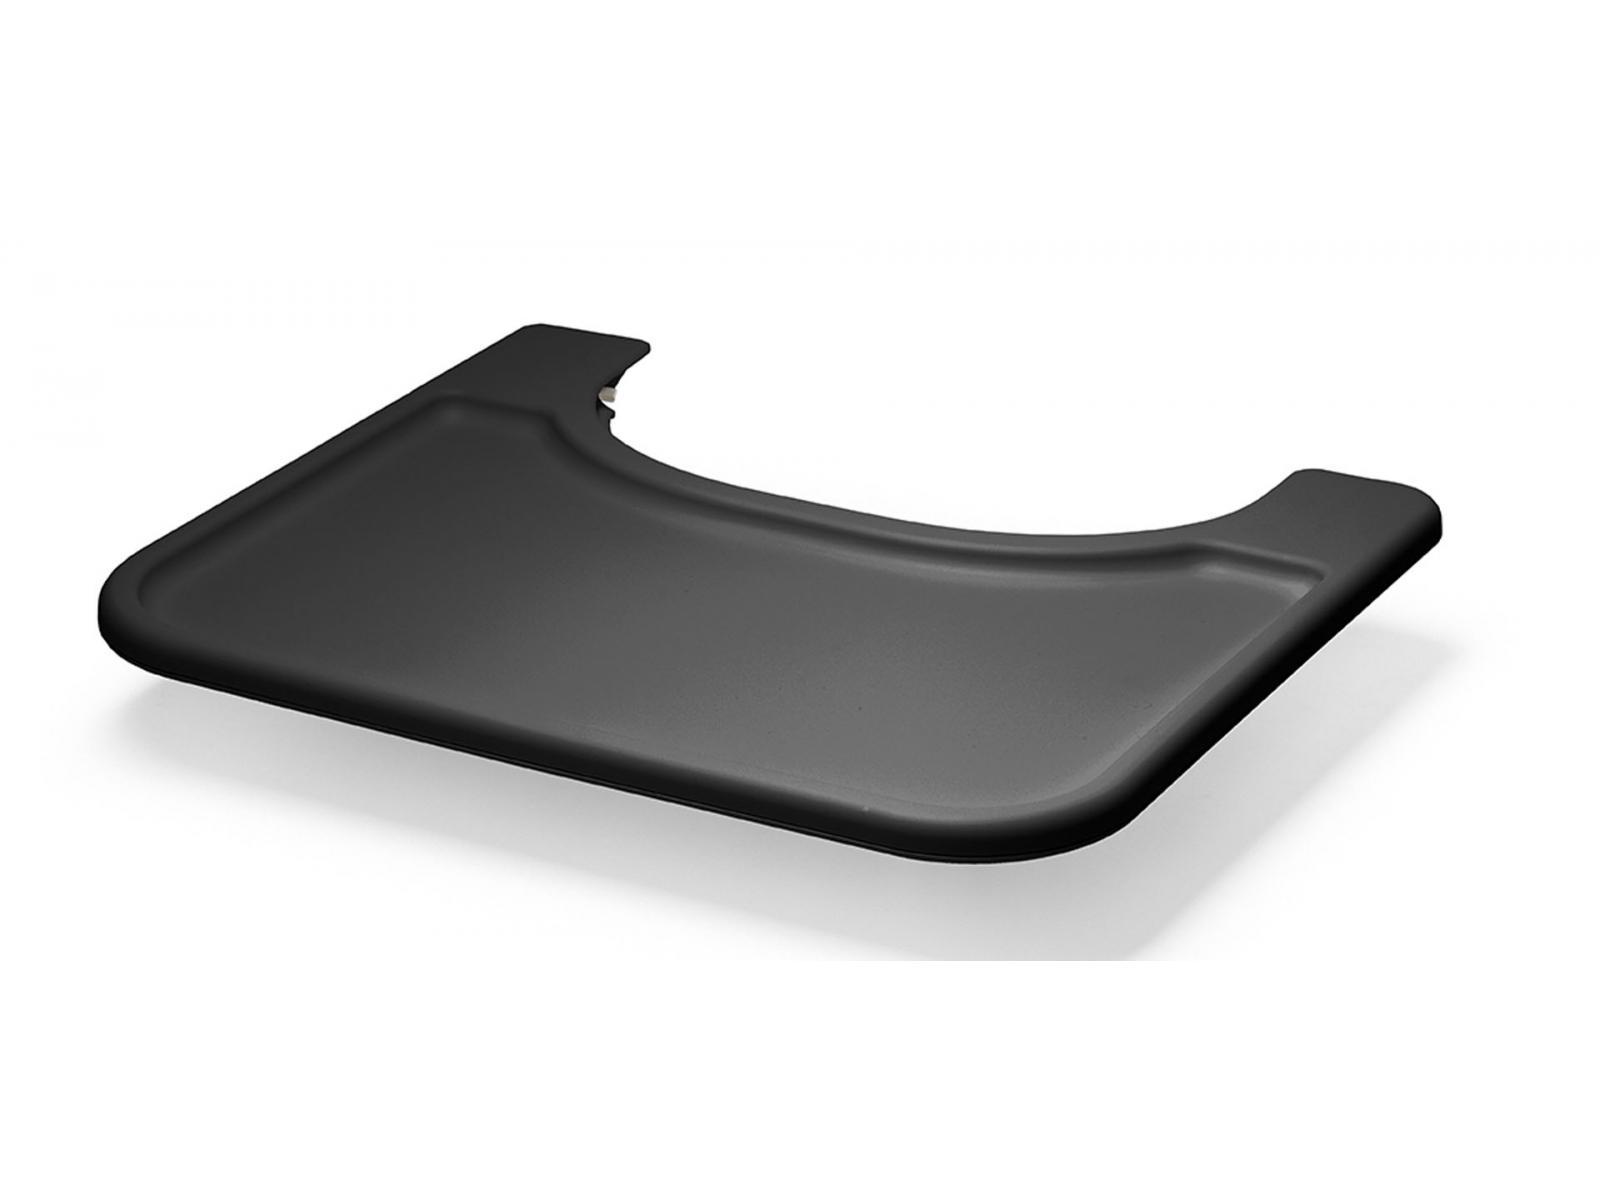 stokke tablette noir pour chaise haute steps. Black Bedroom Furniture Sets. Home Design Ideas